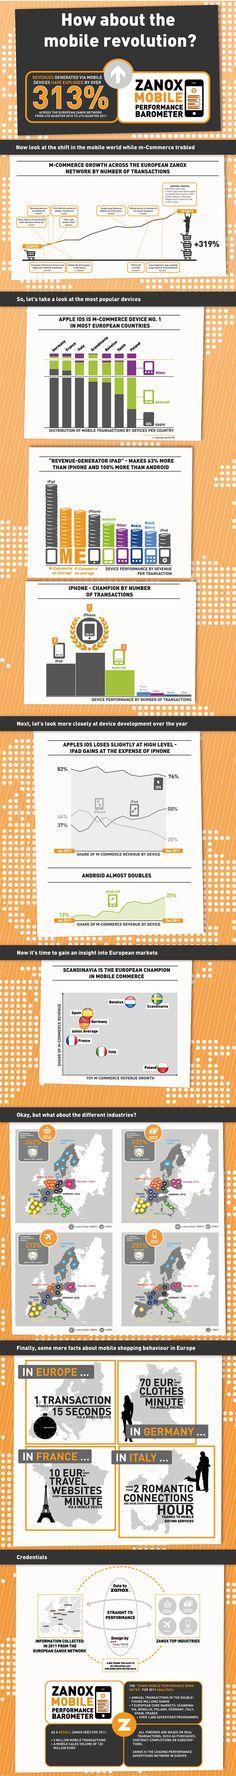 Le mobile, nouvel eldorado du commerce en ligne… Zanox, réseau publicitaire à la performance en Europe, vient de publier une infographie reprenant les principaux chiffres de son étude sur les évolutions du m-commerce. S'appuyant sur plus d'un millier de programmes d'annonceurs membres de son réseau, cette enquête fait ressortir une progression de 313% du CA dégagé par les mobiles, entre le dernier trimestre 2011 et le 4ème trimestre 2010.